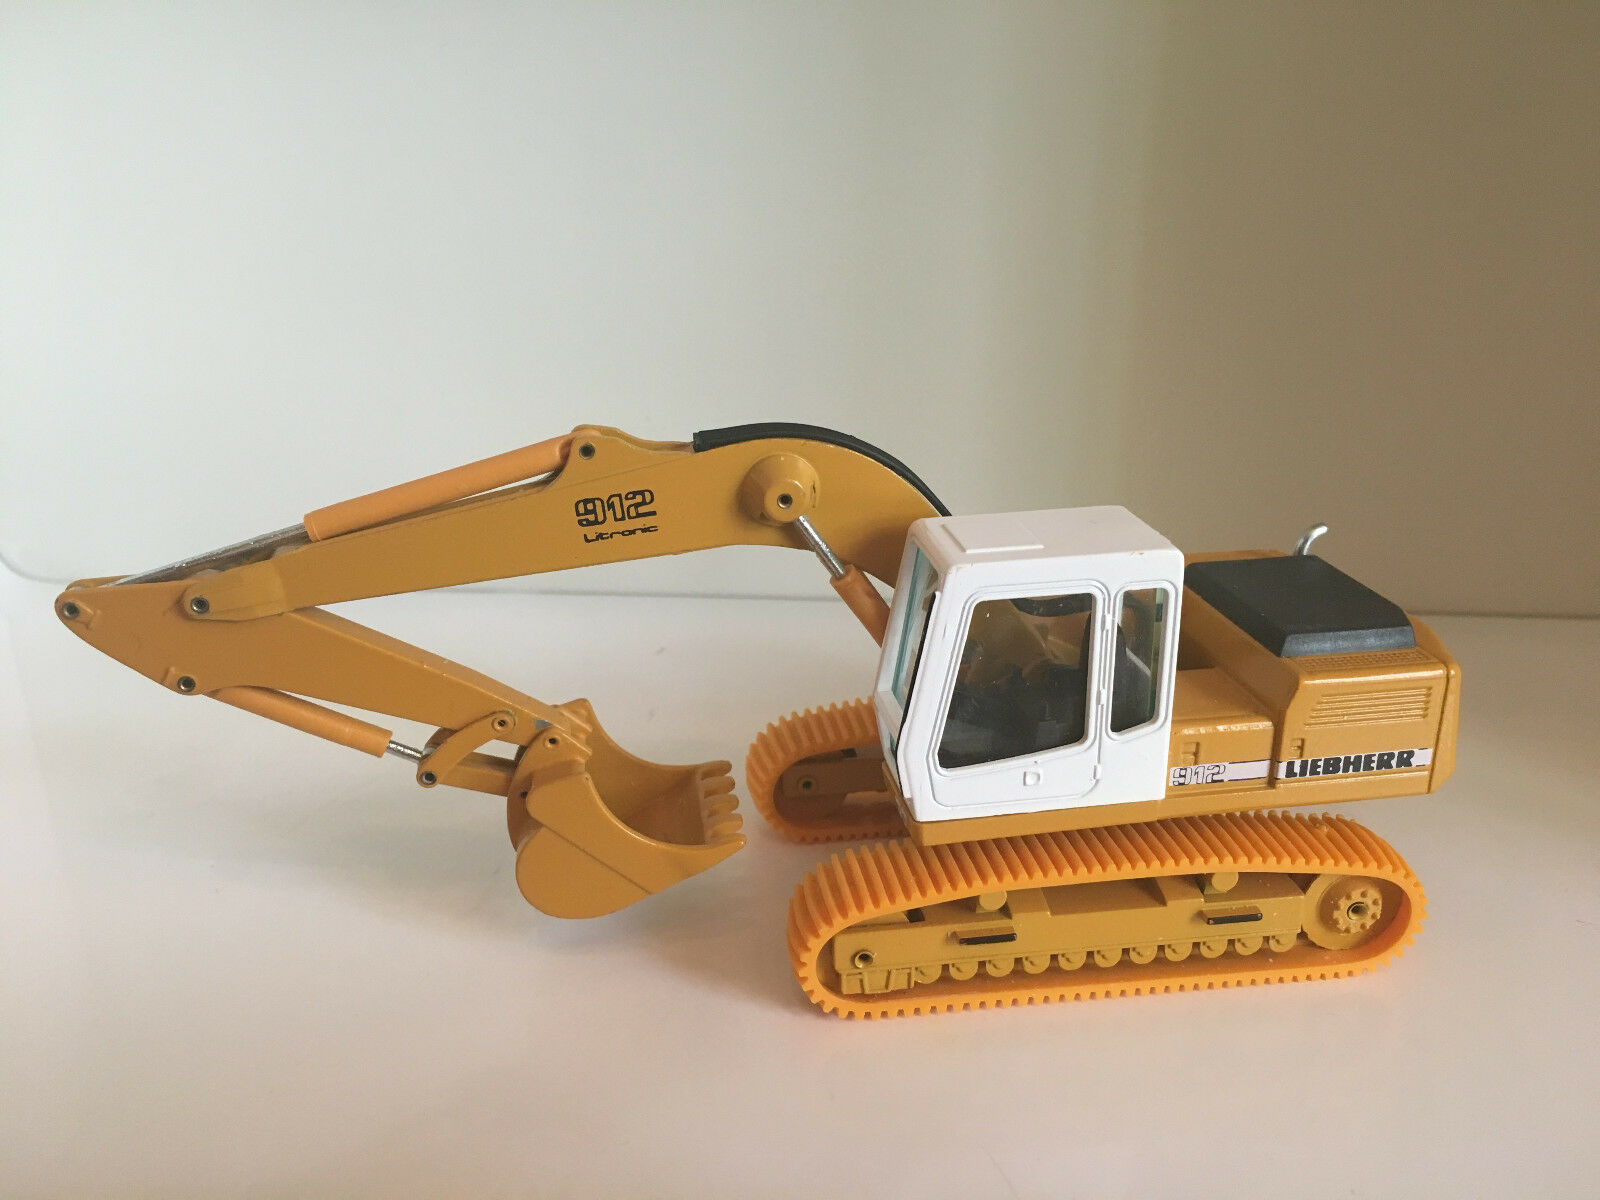 Liebherr R 912 Escavatore catene di Conrad 2829 in 1 50